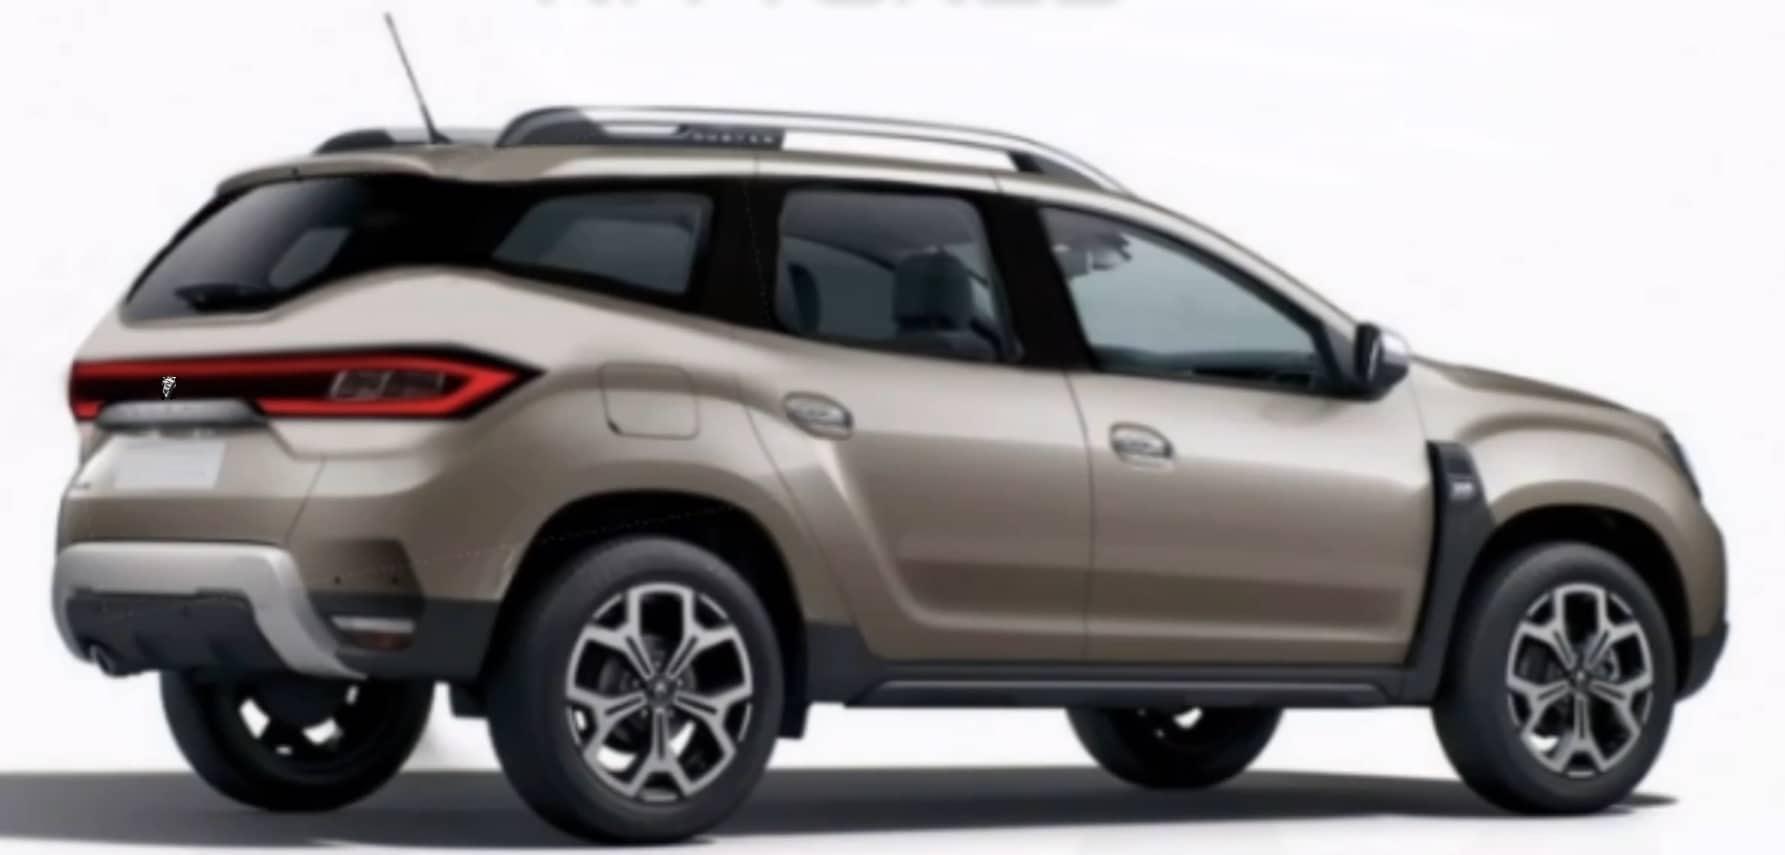 Nuova Dacia Duster 2021: render di un possibile restyling posteriore